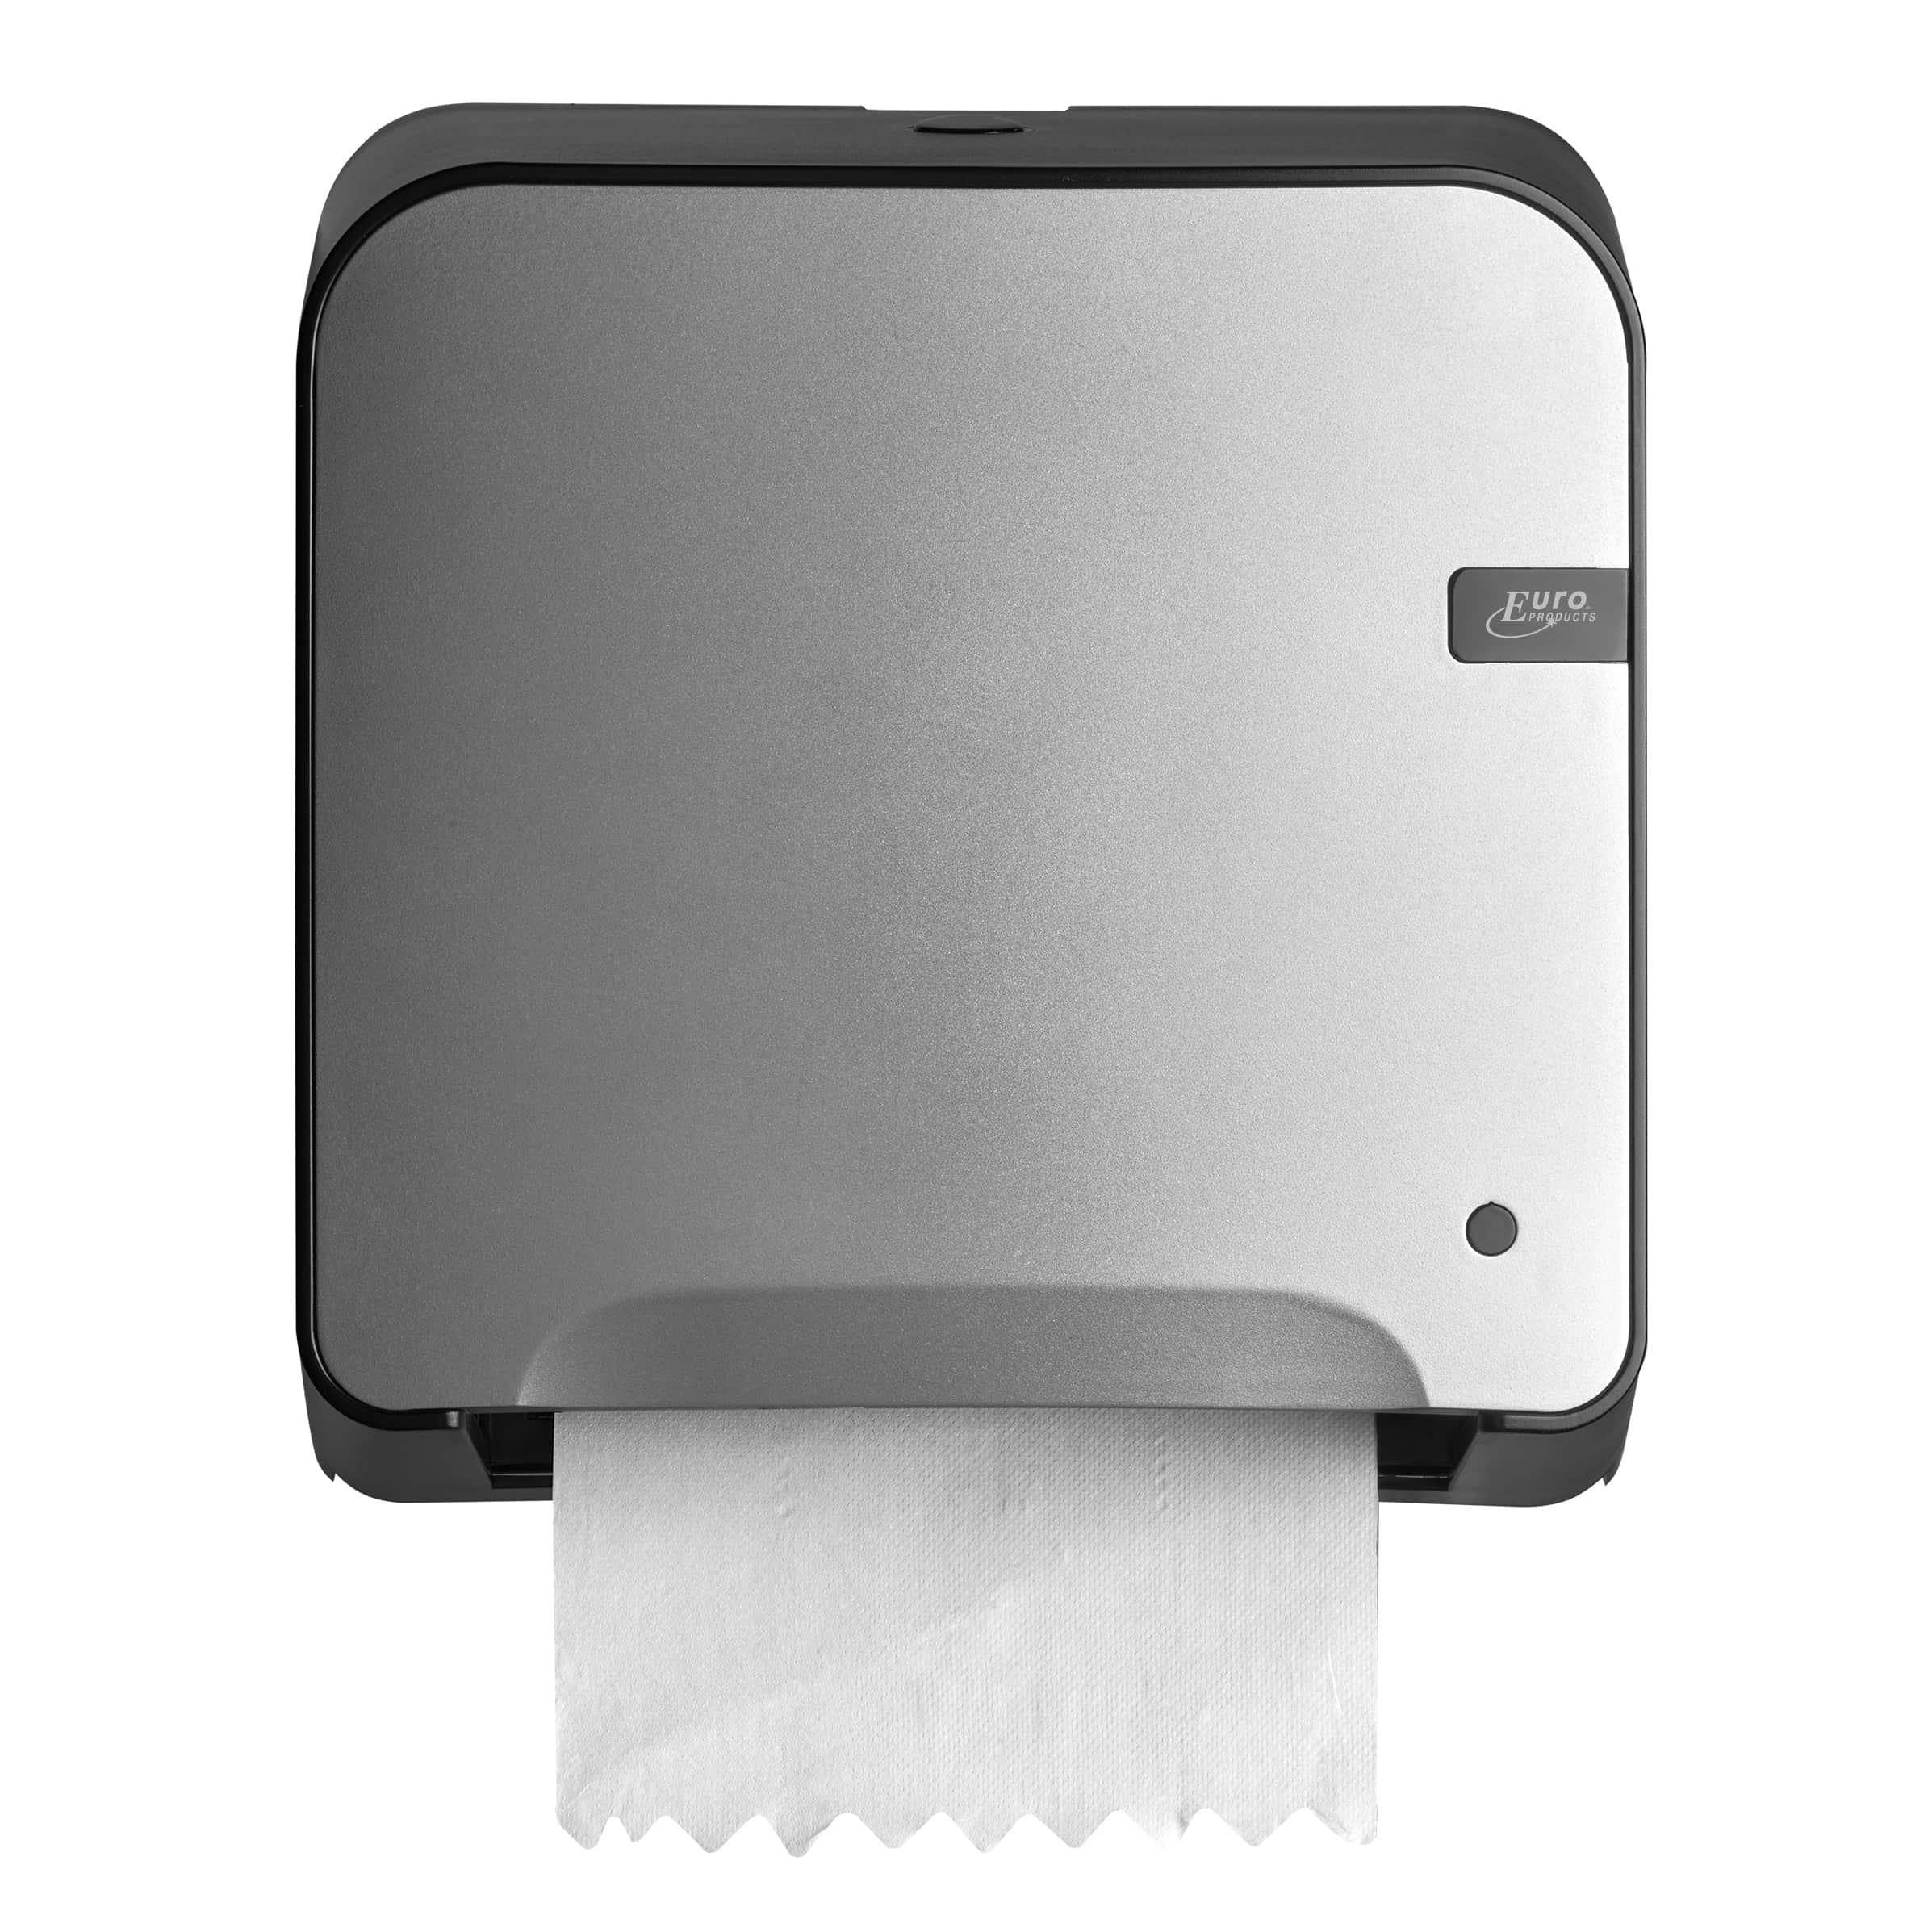 Quartz handdoekautomaat Mini Matic XL zilver